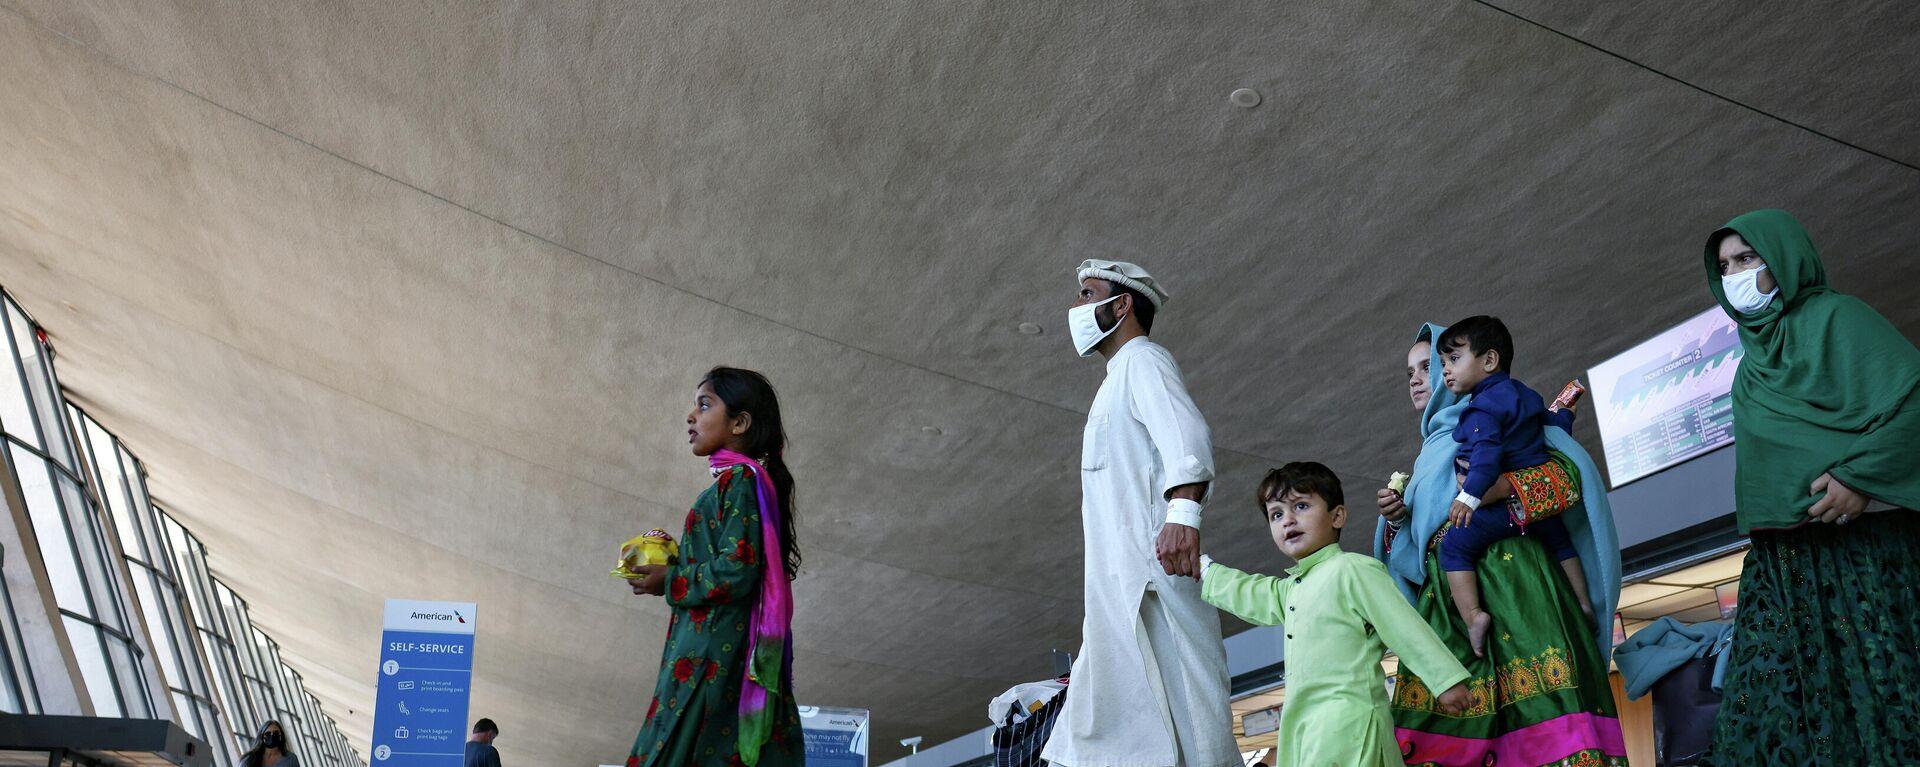 Afghanische Flüchtlinge - SNA, 1920, 04.09.2021